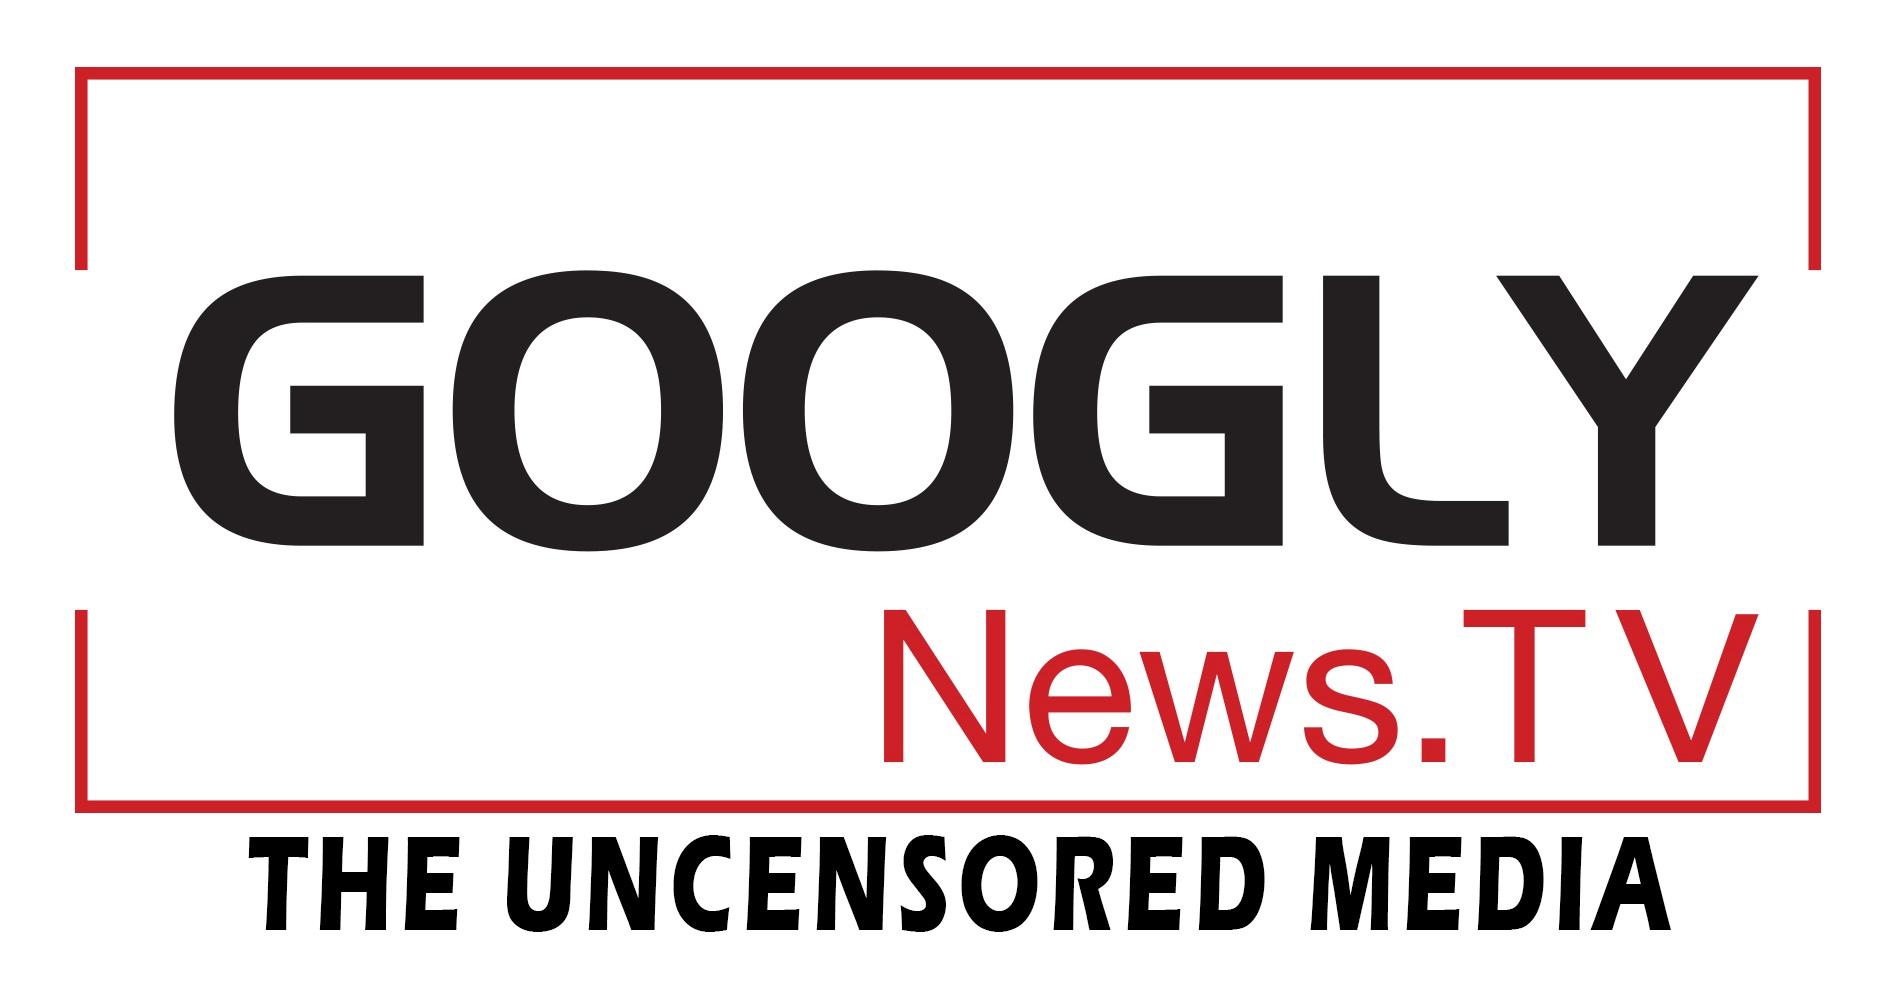 Googly News